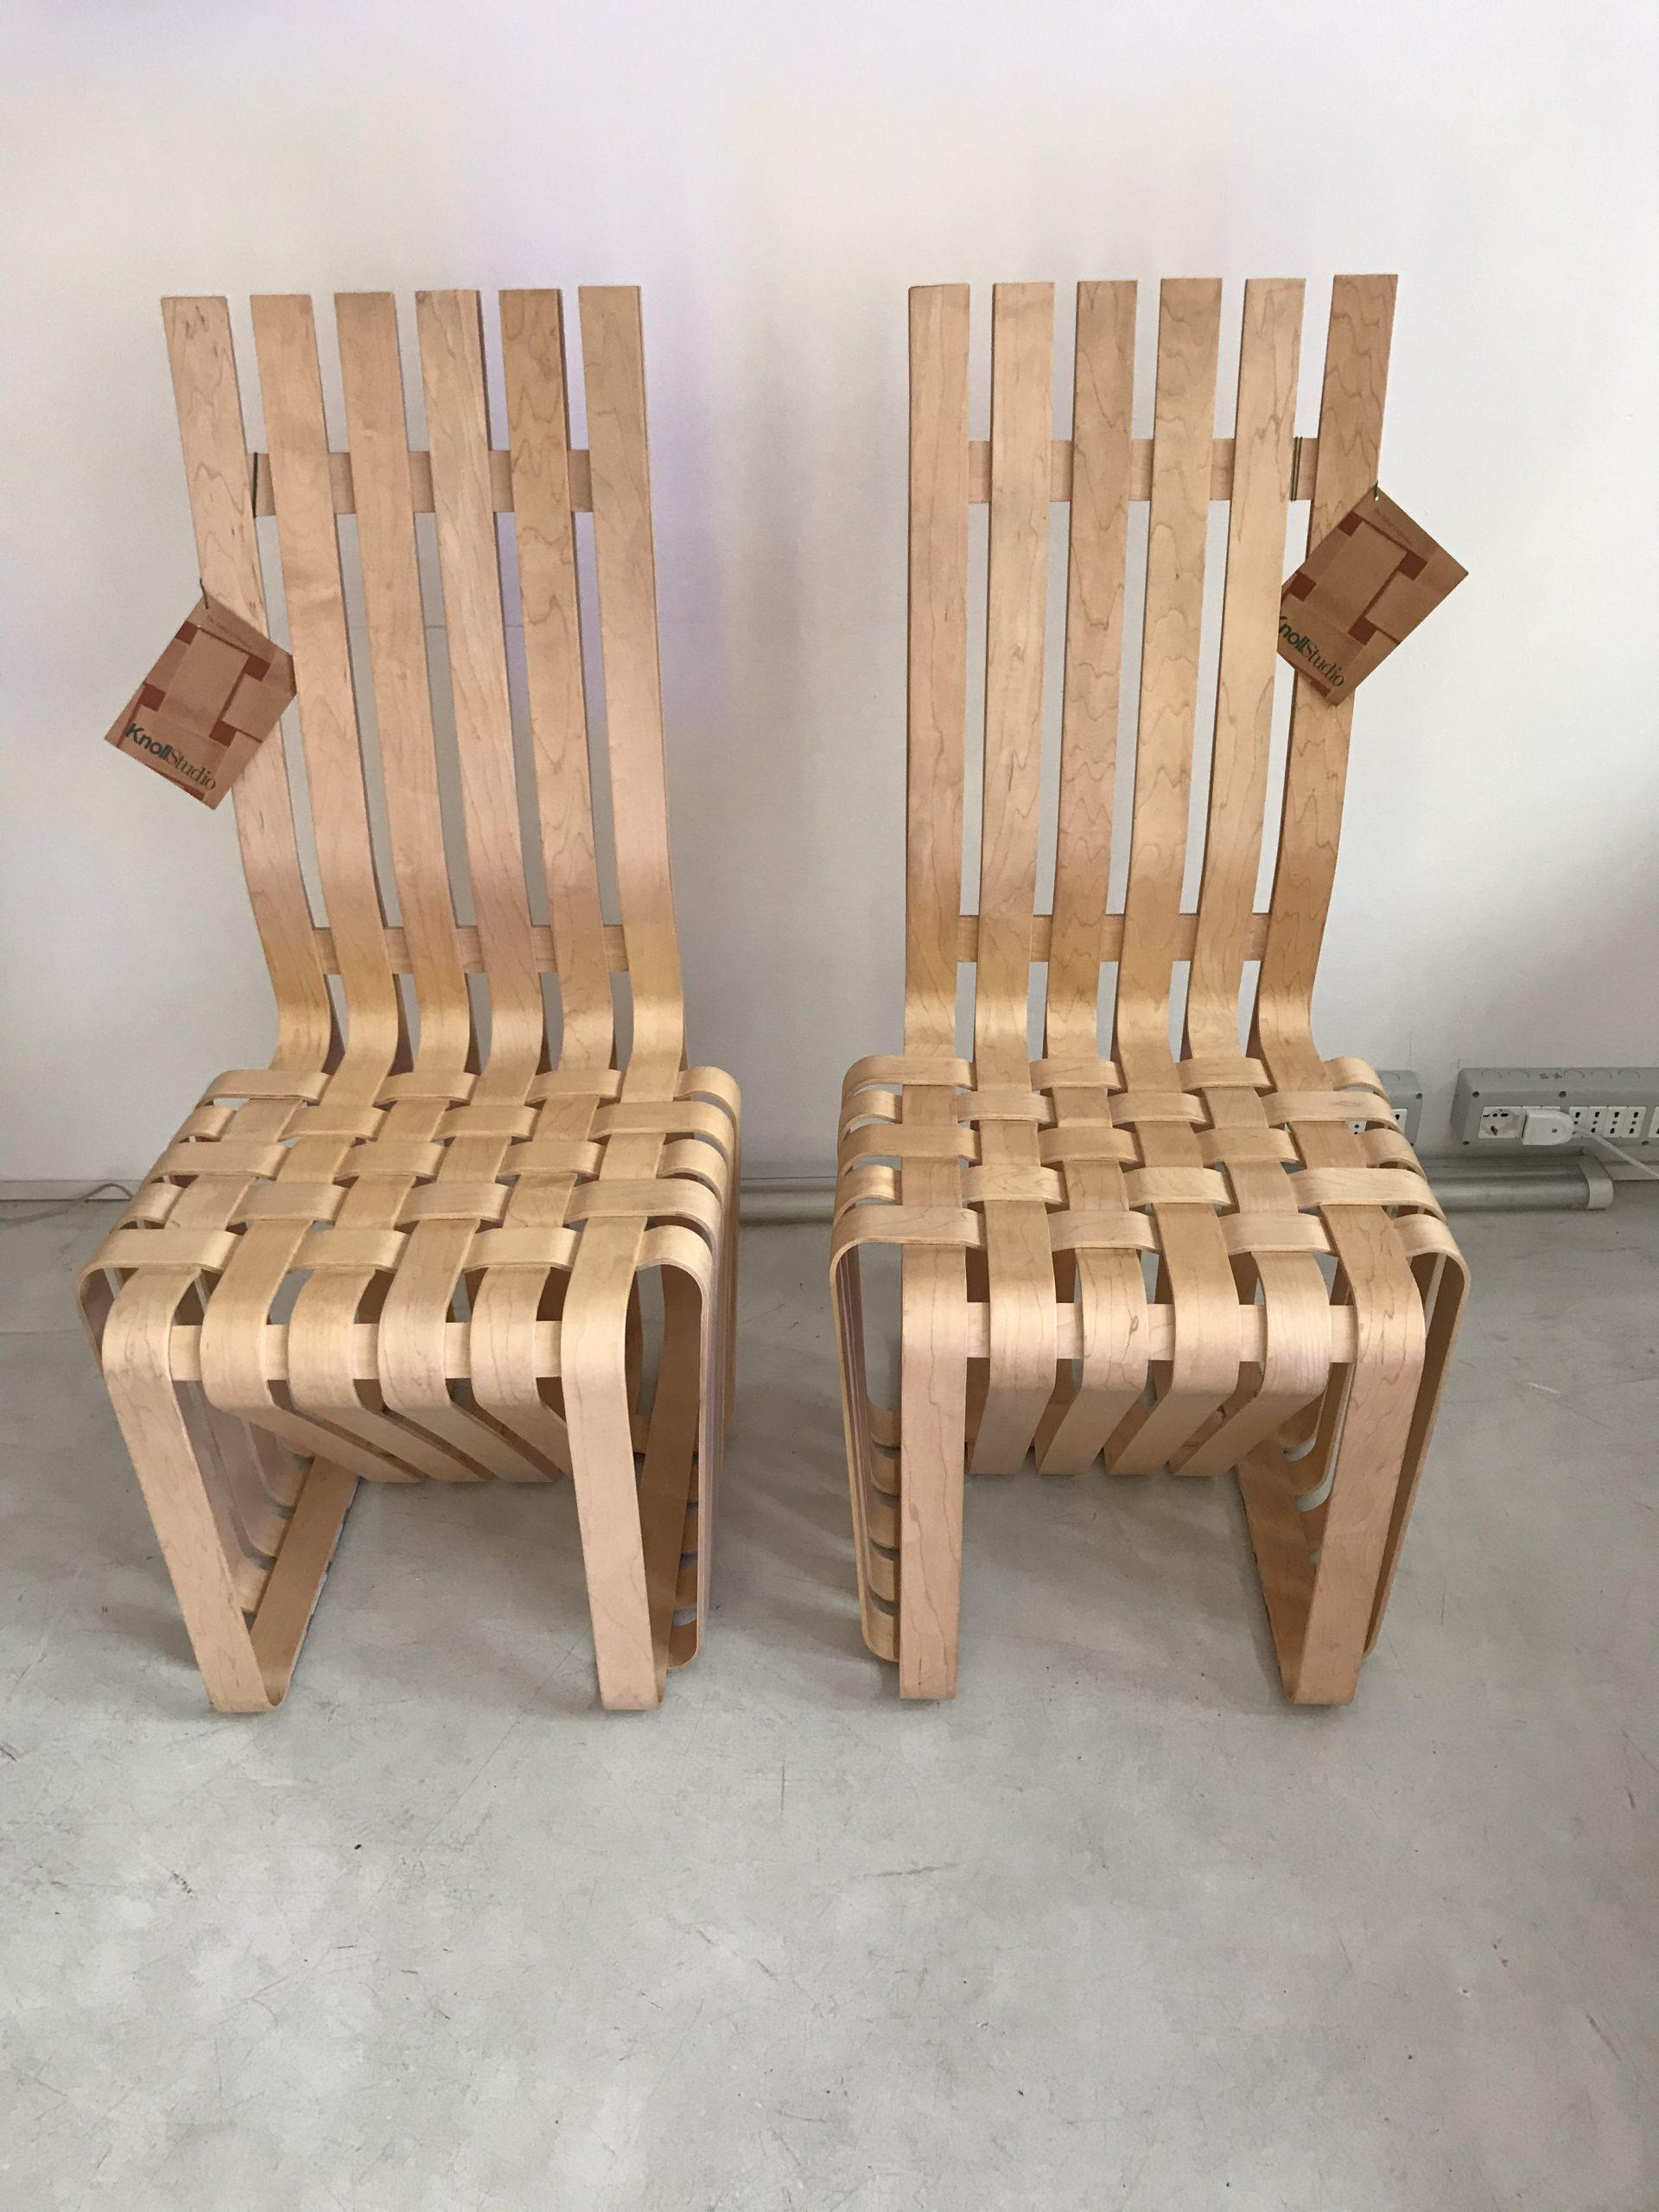 弗兰克·盖里·诺尔(Frank Gehry Knoll)高脚椅